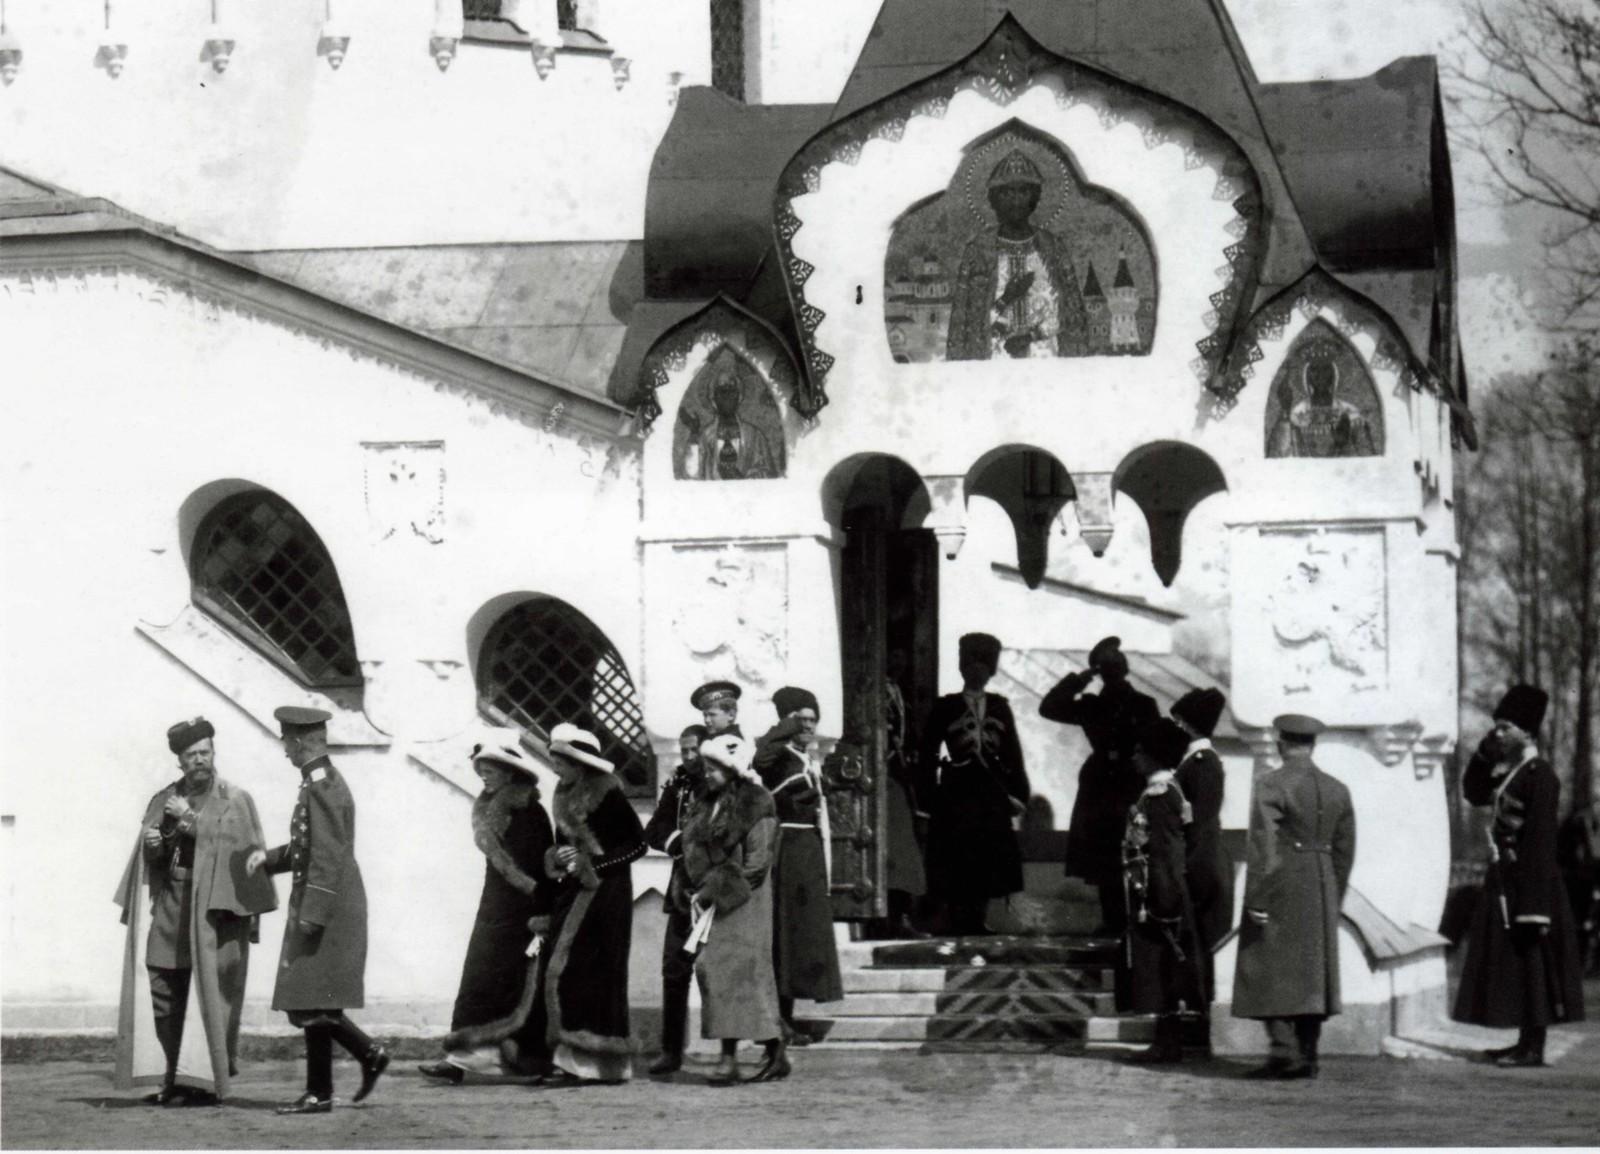 1913. Николай II и члены Императорской семьи выходят из Фёдоровского Собора. Царское село. 28 апреля